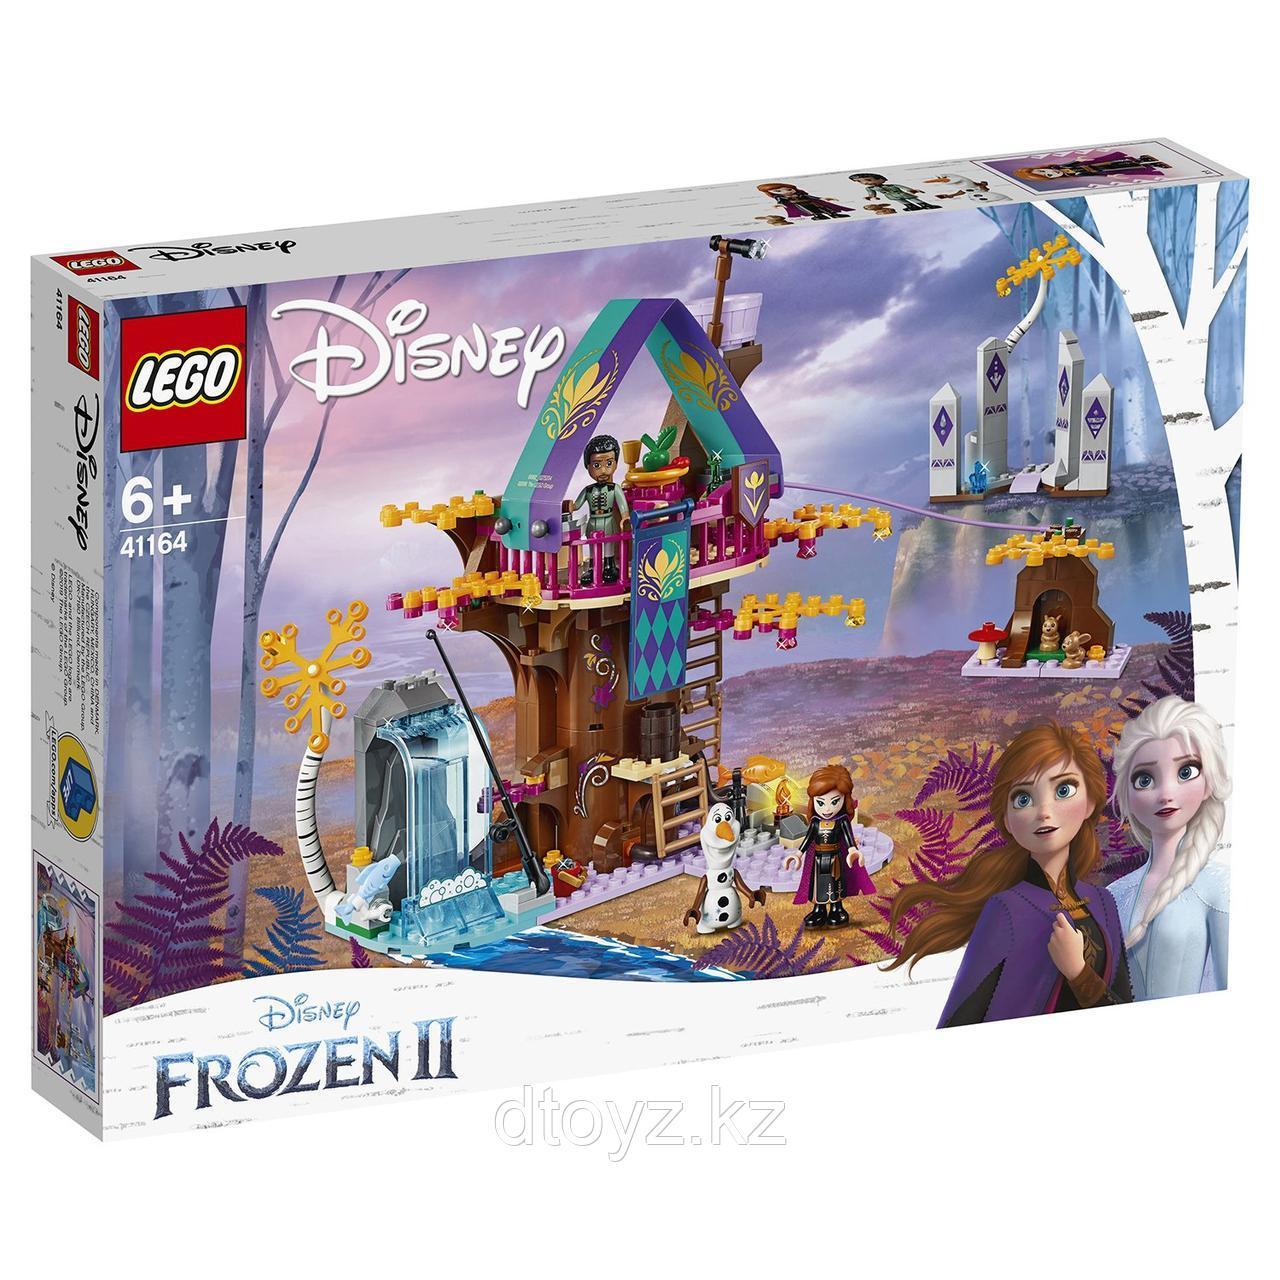 Lego Disney Frozen 41164 Конструктор  Заколдованный домик на дереве